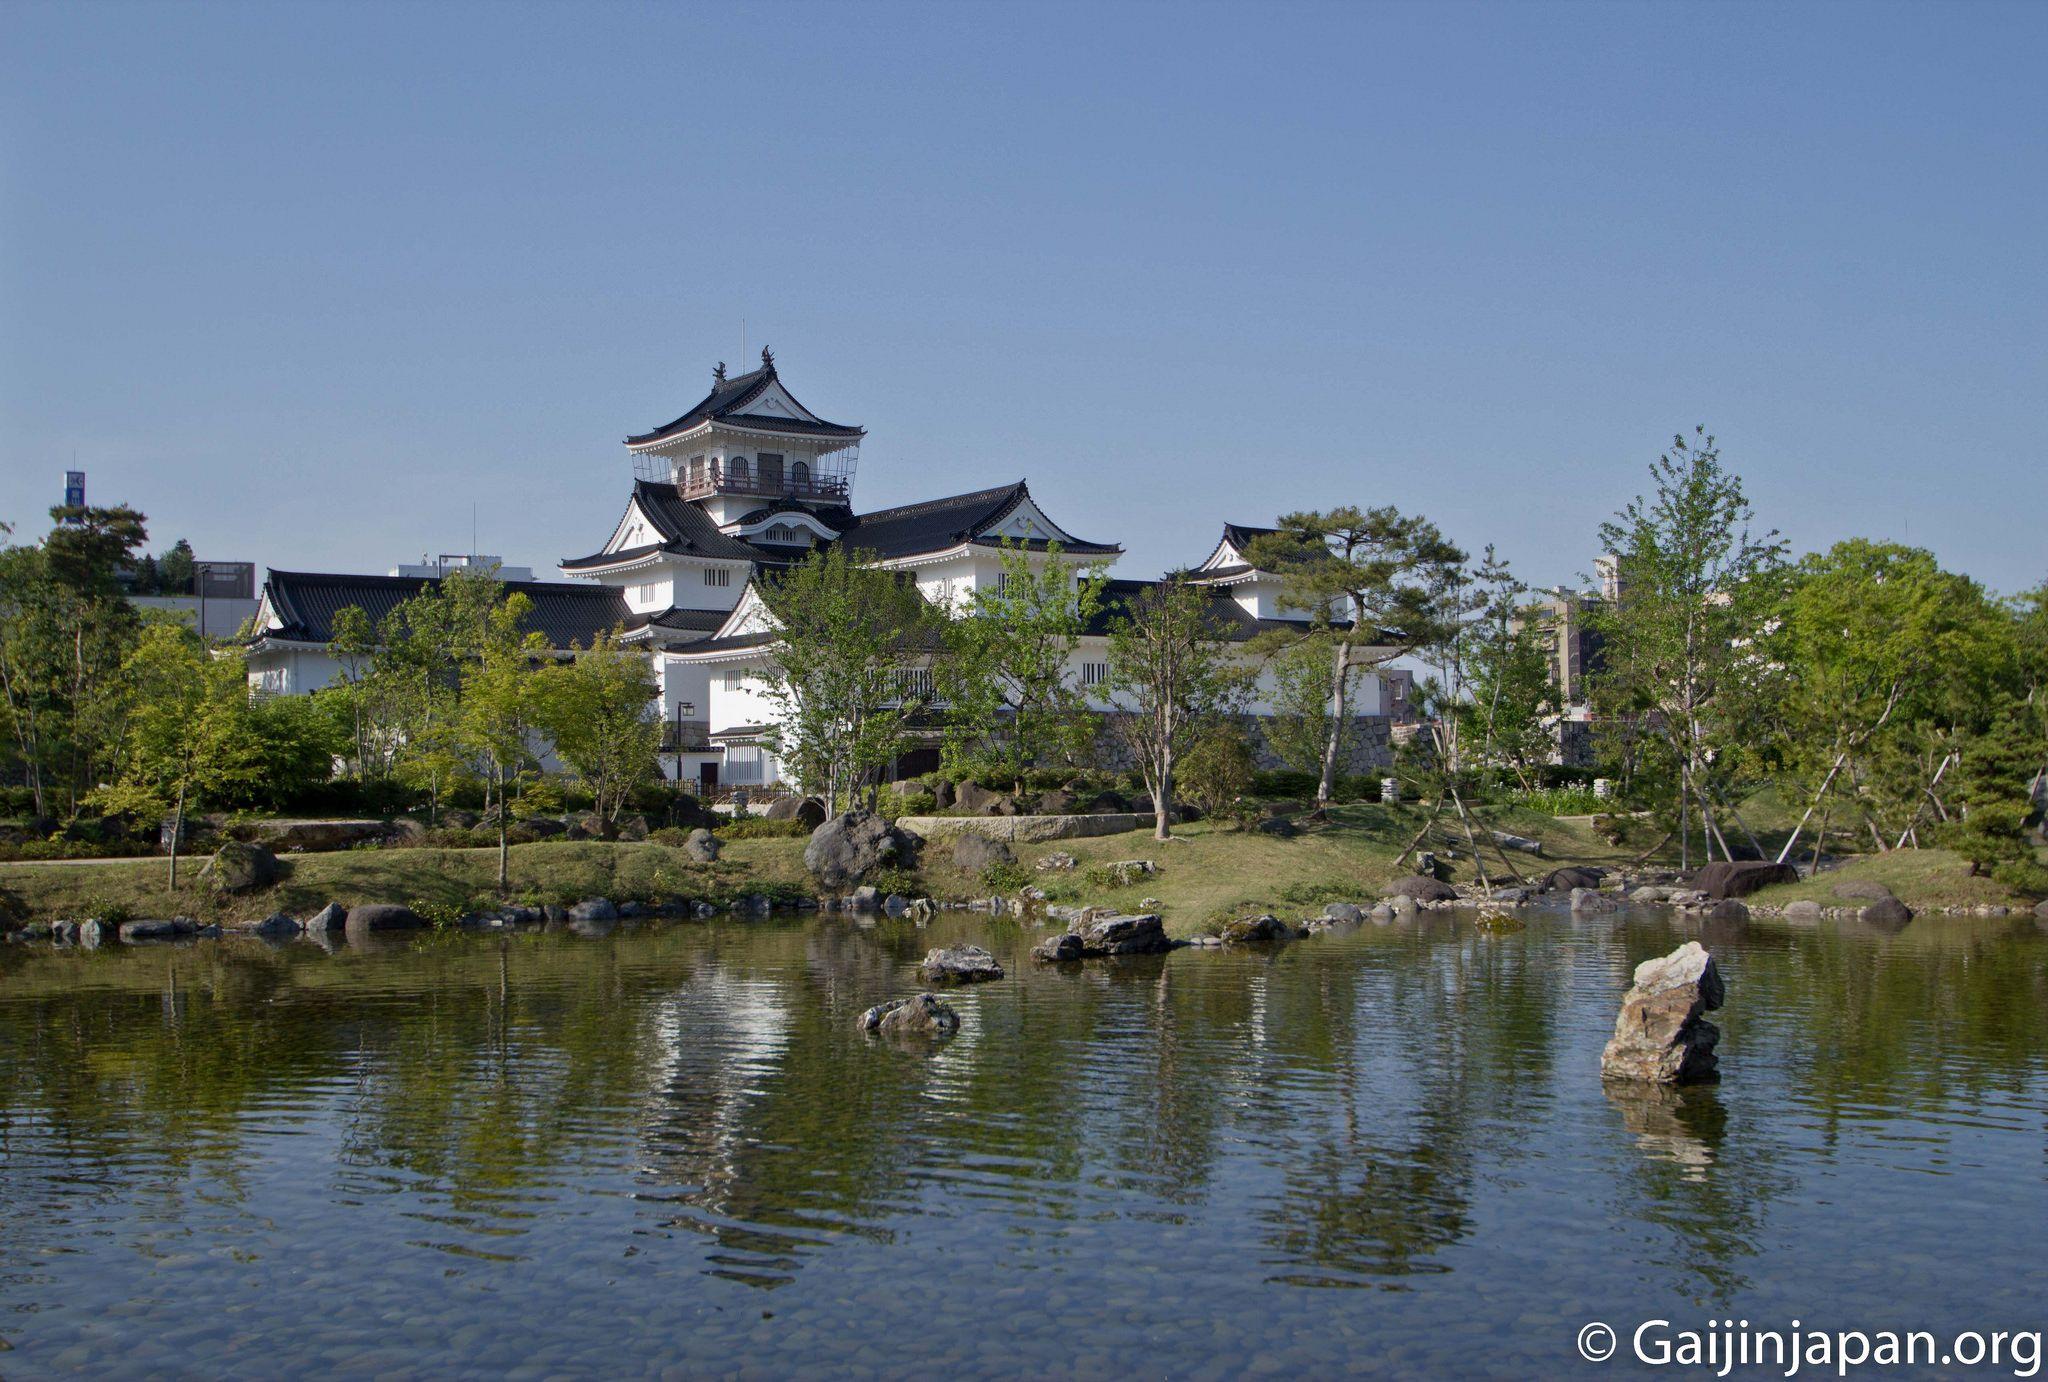 Donjon, verdure, graviers, point d'eau ... Tout cela compose le château de Toyama et son parc.